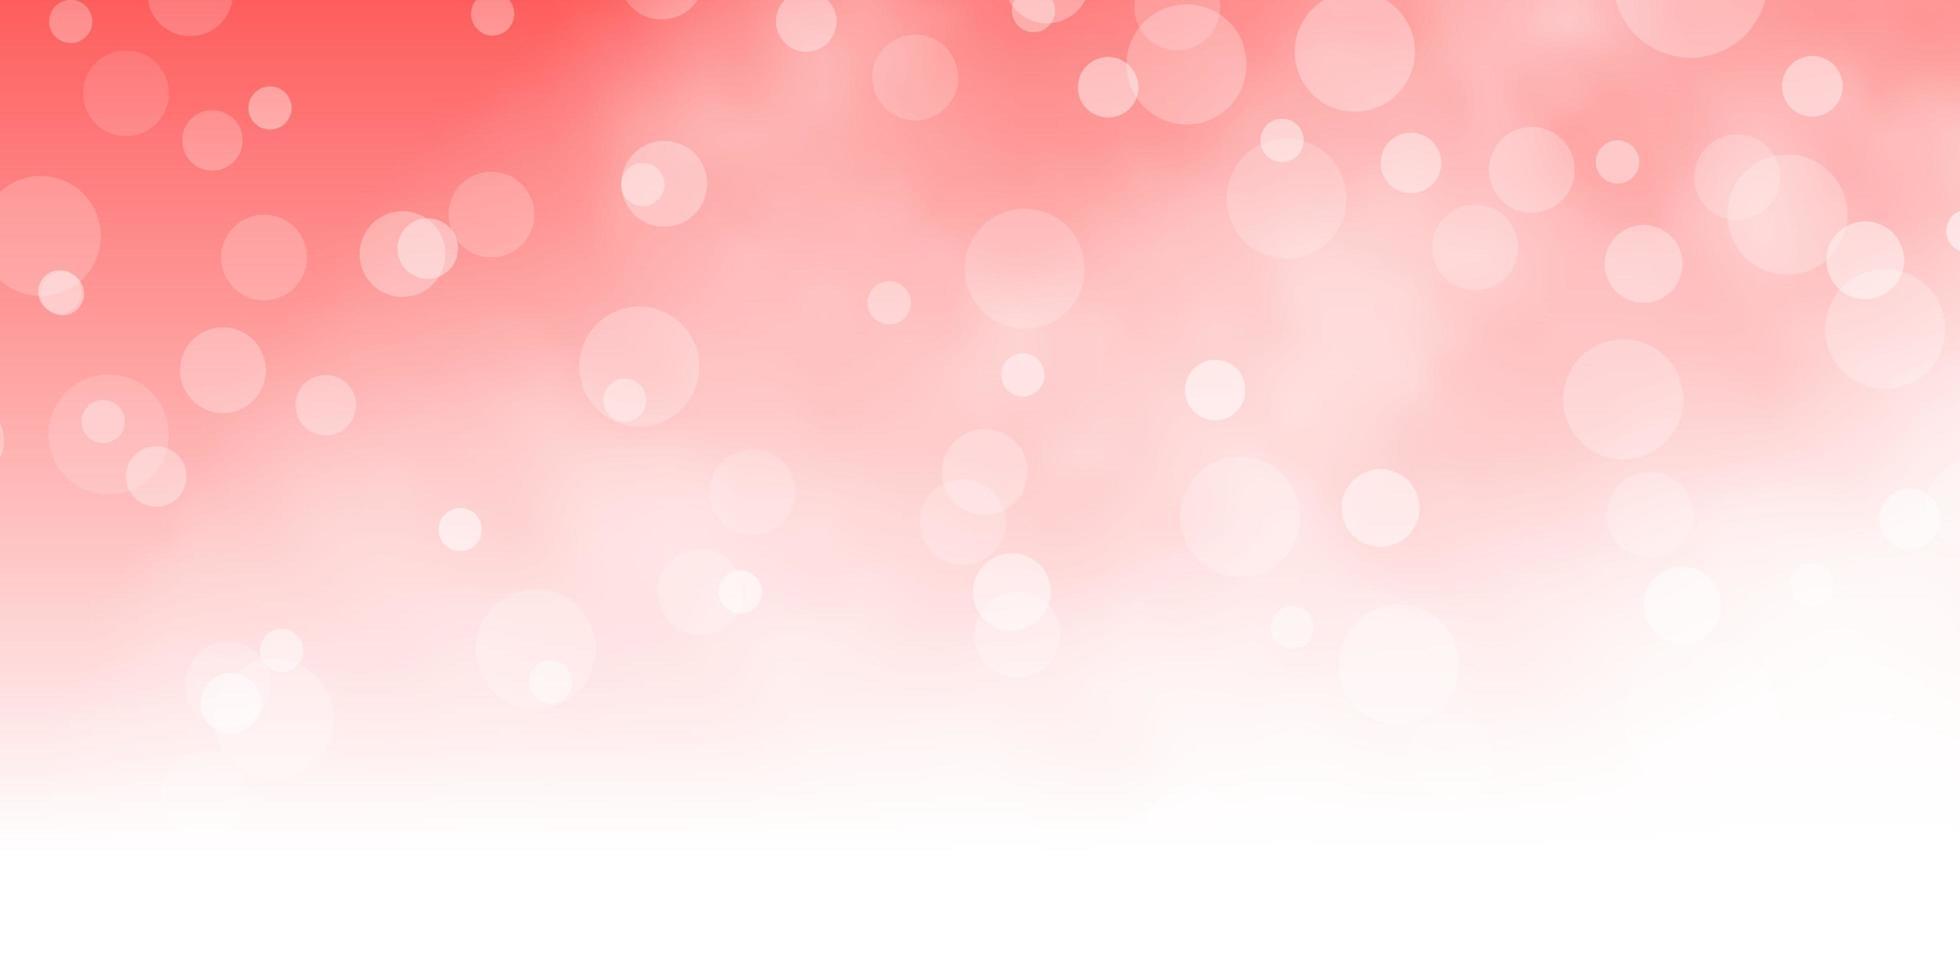 lichtrode vector achtergrond met cirkels.